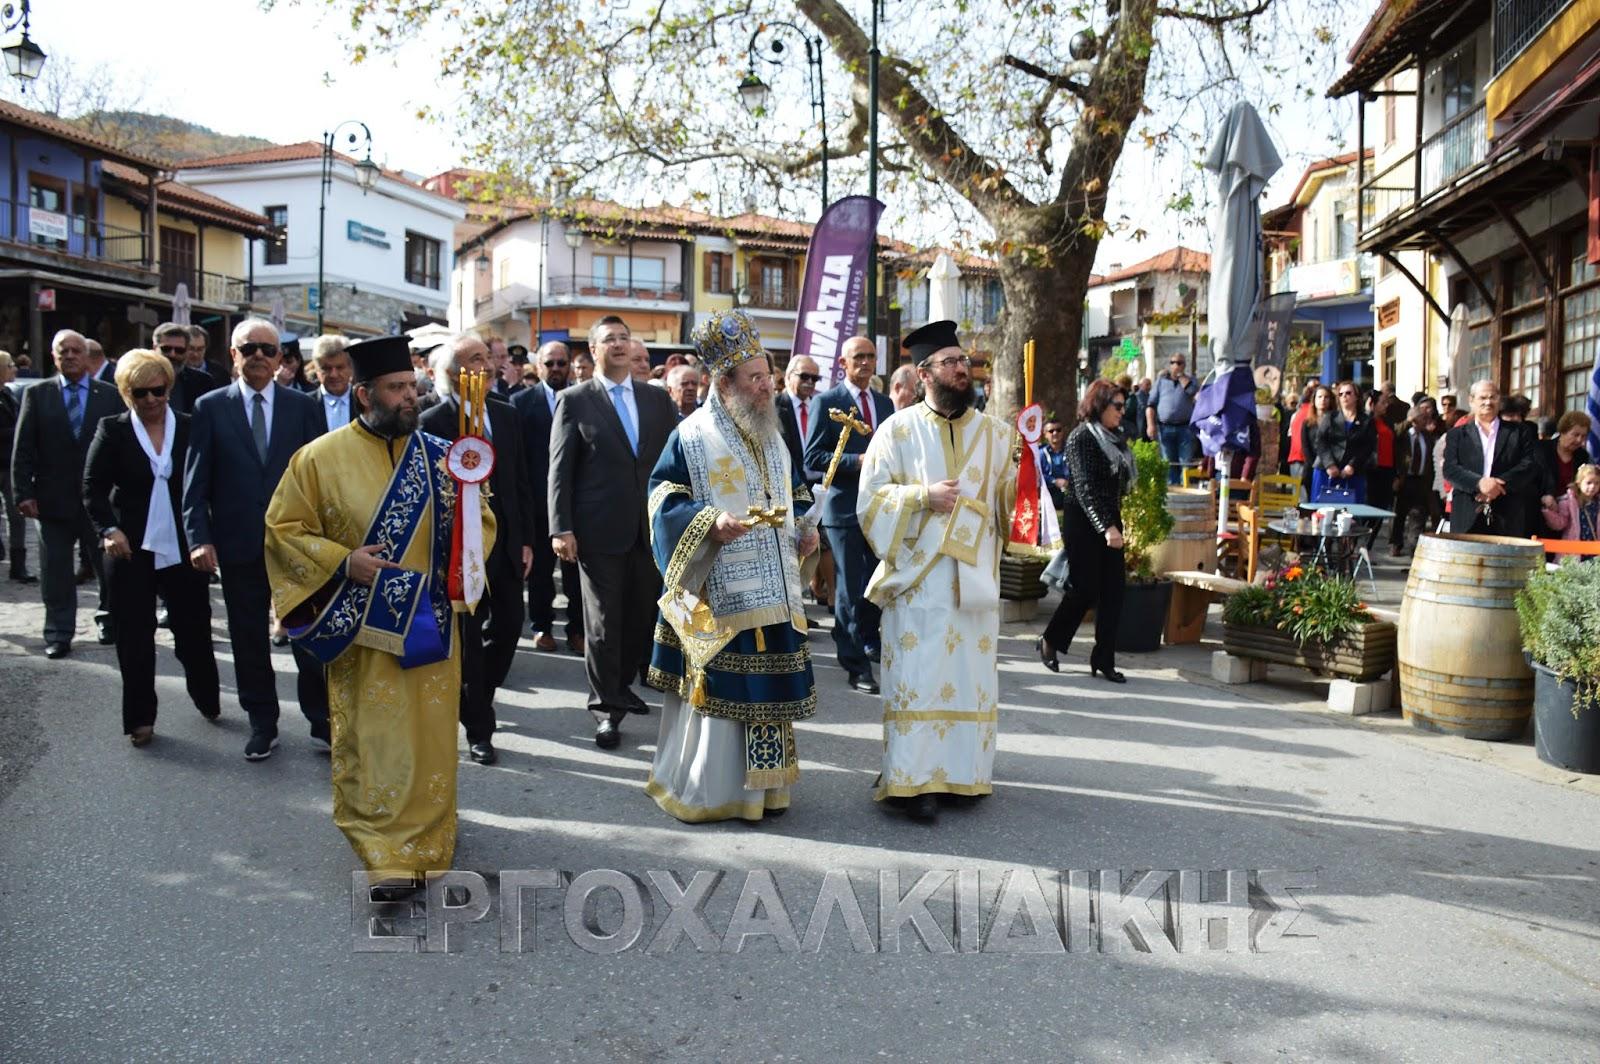 Ο εορτασμός των Αγίων Αναργύρων και η Απελευθέρωση της Αρναίας (φωτορεπορτάζ)